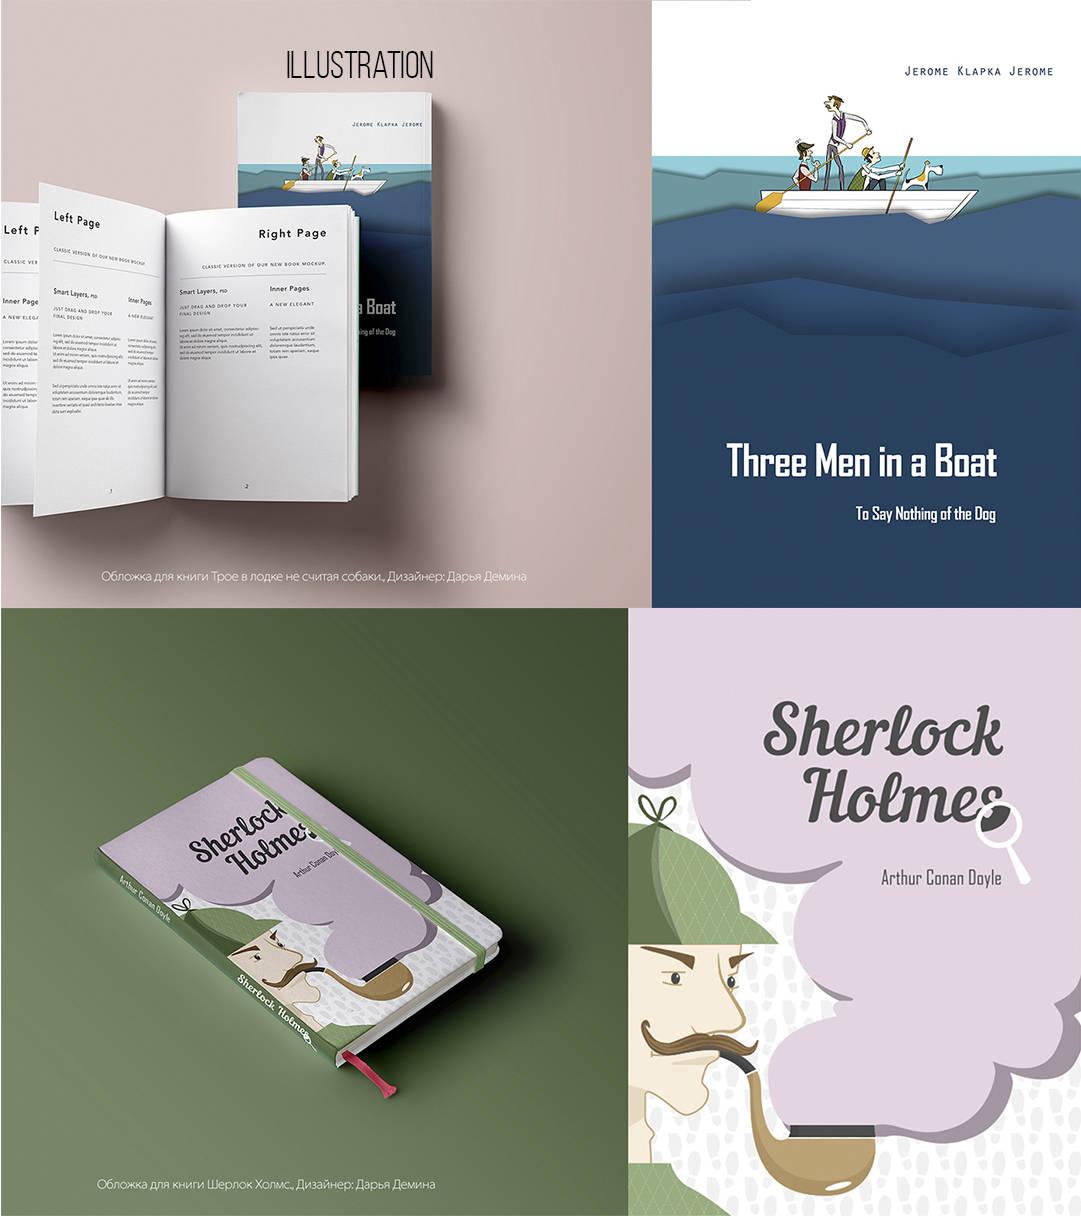 Illustration for books